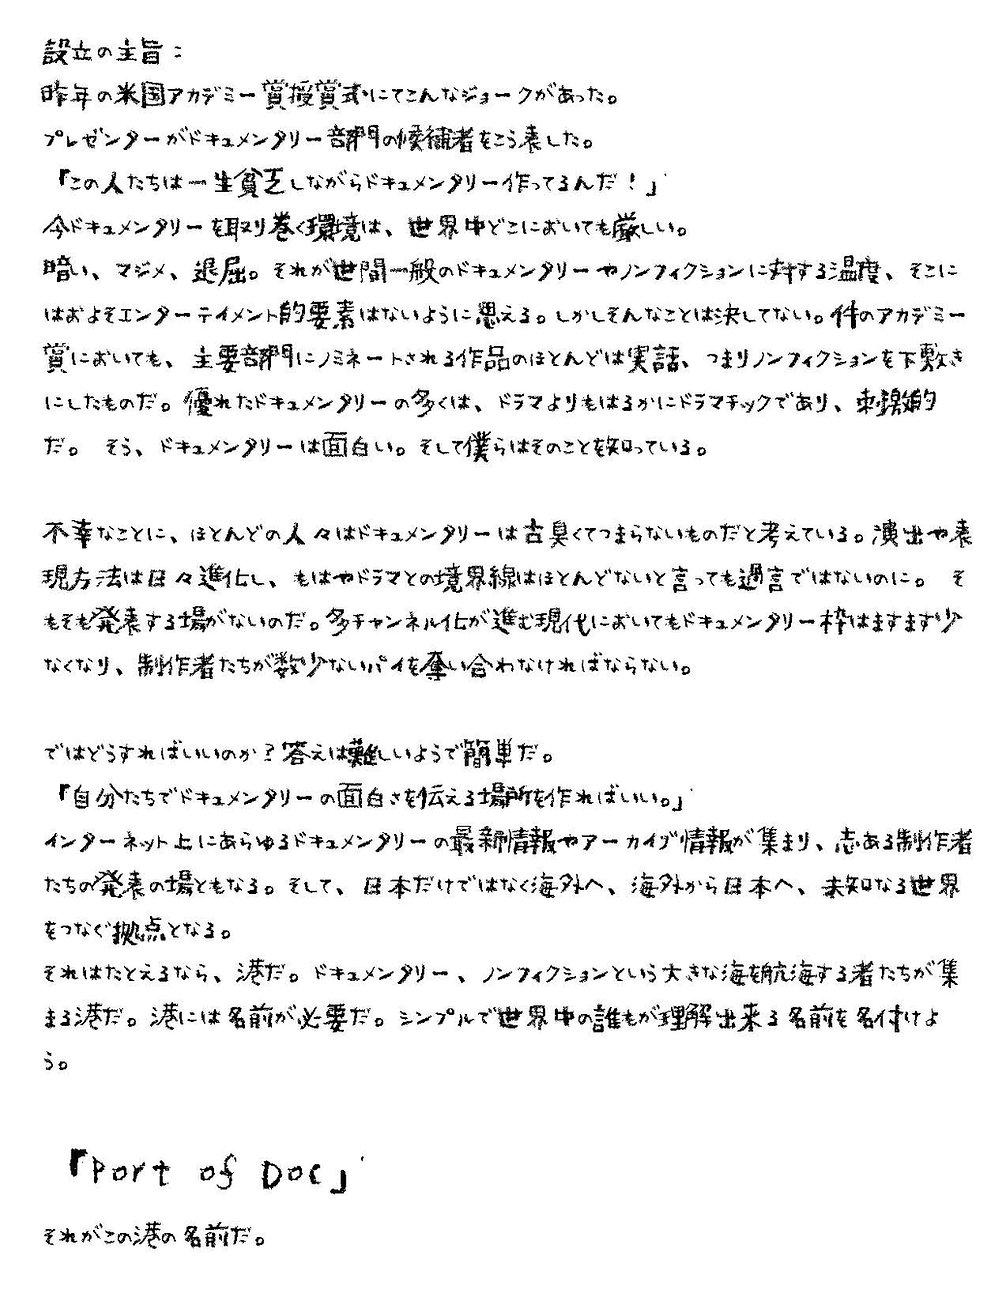 日本初の映像ドキュメンタリーポータルサイト「Port of Doc.ドキュメンタリー・ドット・ジェーピー」の設立趣意書